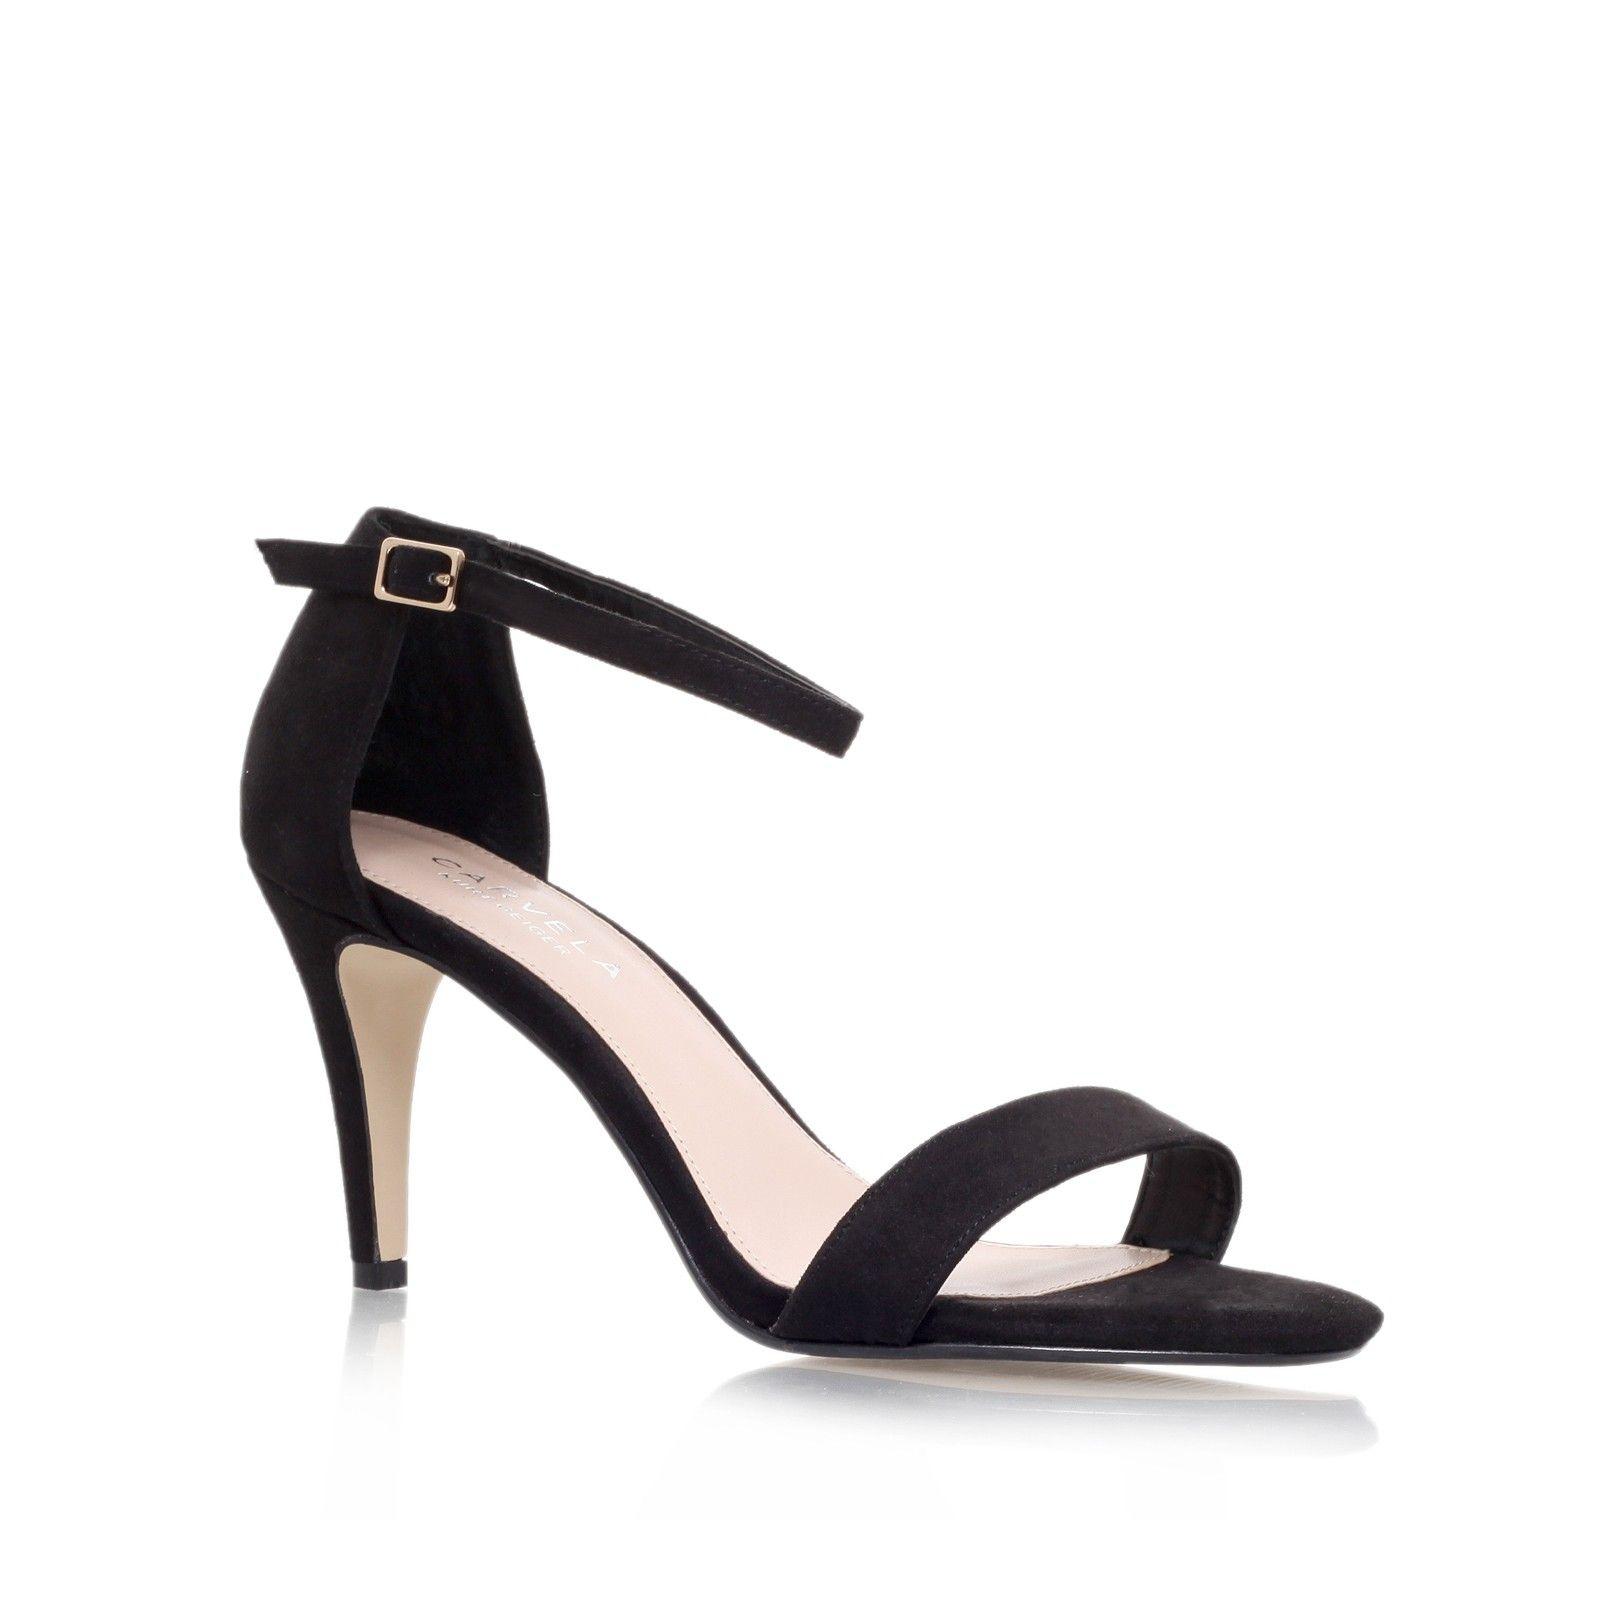 kiwi black mid heel sandals from Carvela Kurt Geiger | STYLE ...